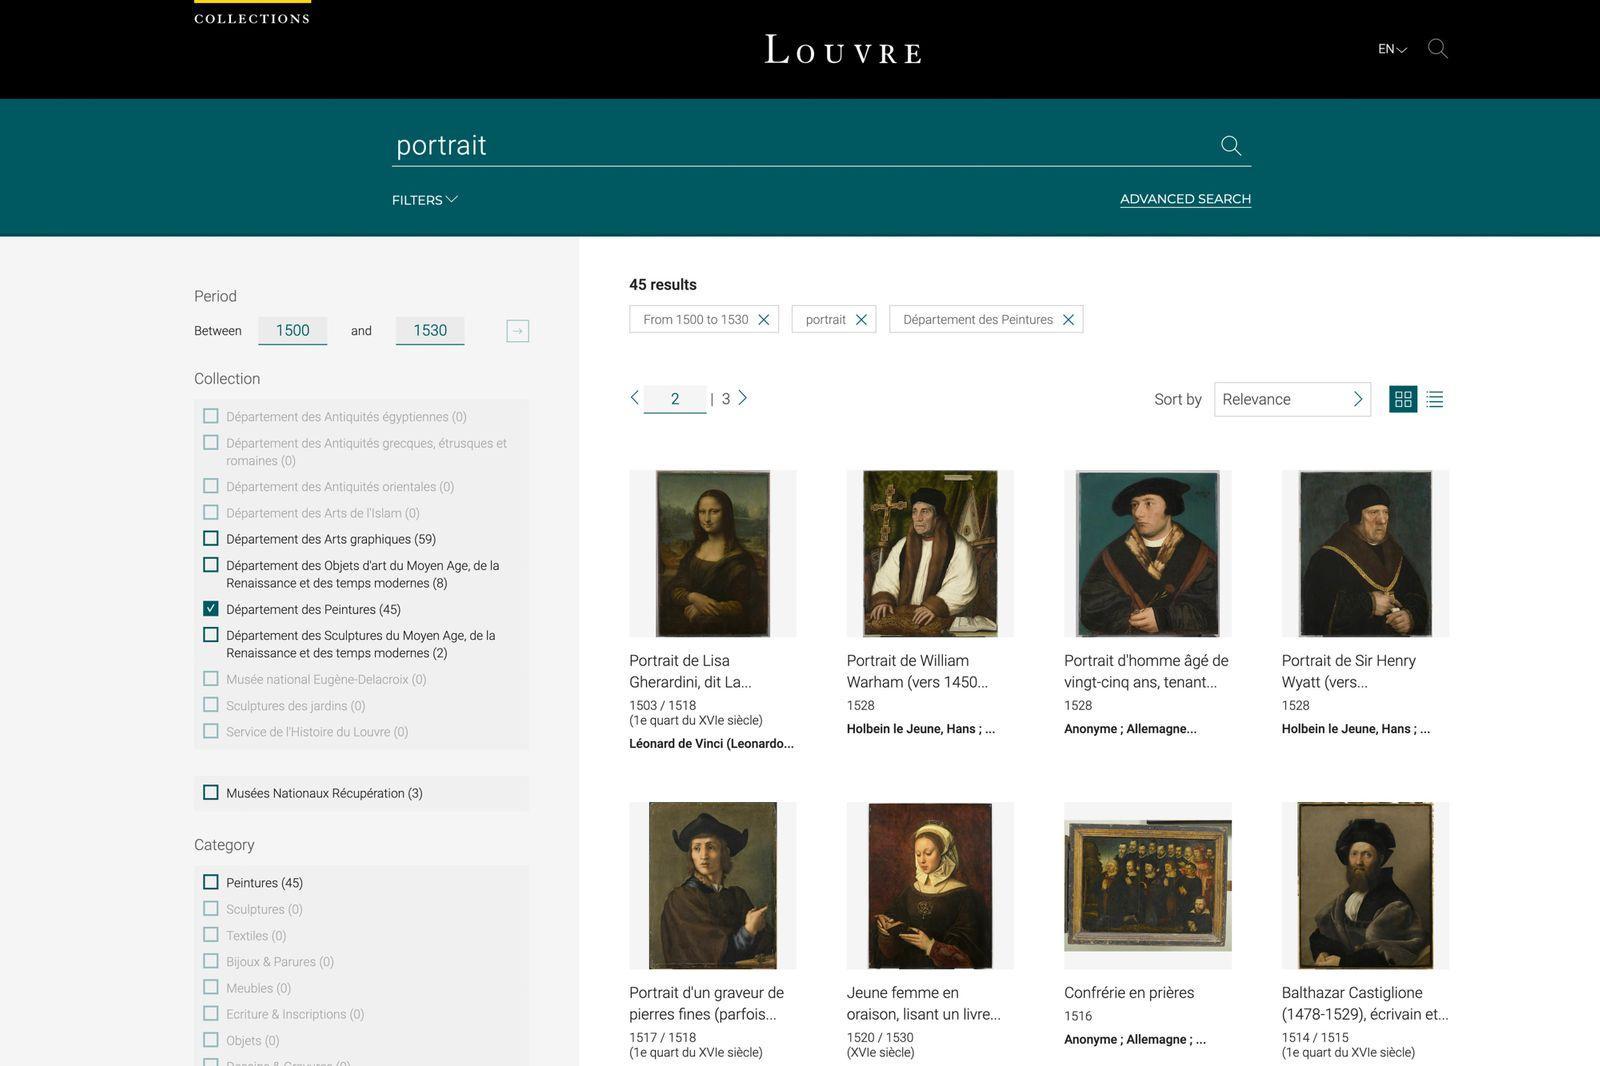 Louvre Datenbank SCREENSHOT